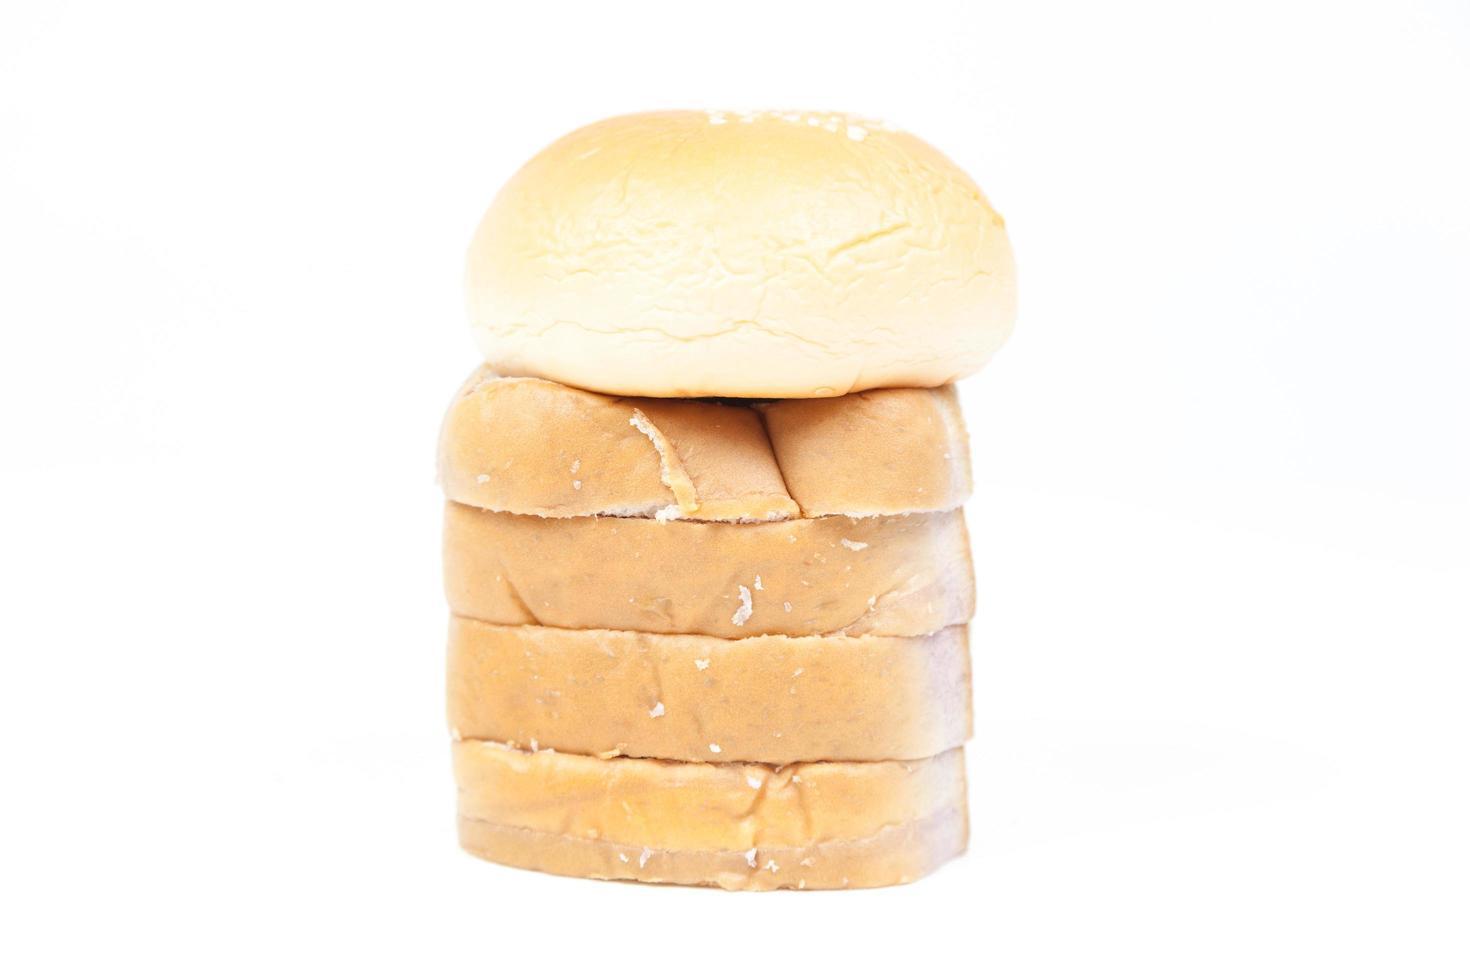 brödskivor isolerad på vit bakgrund foto